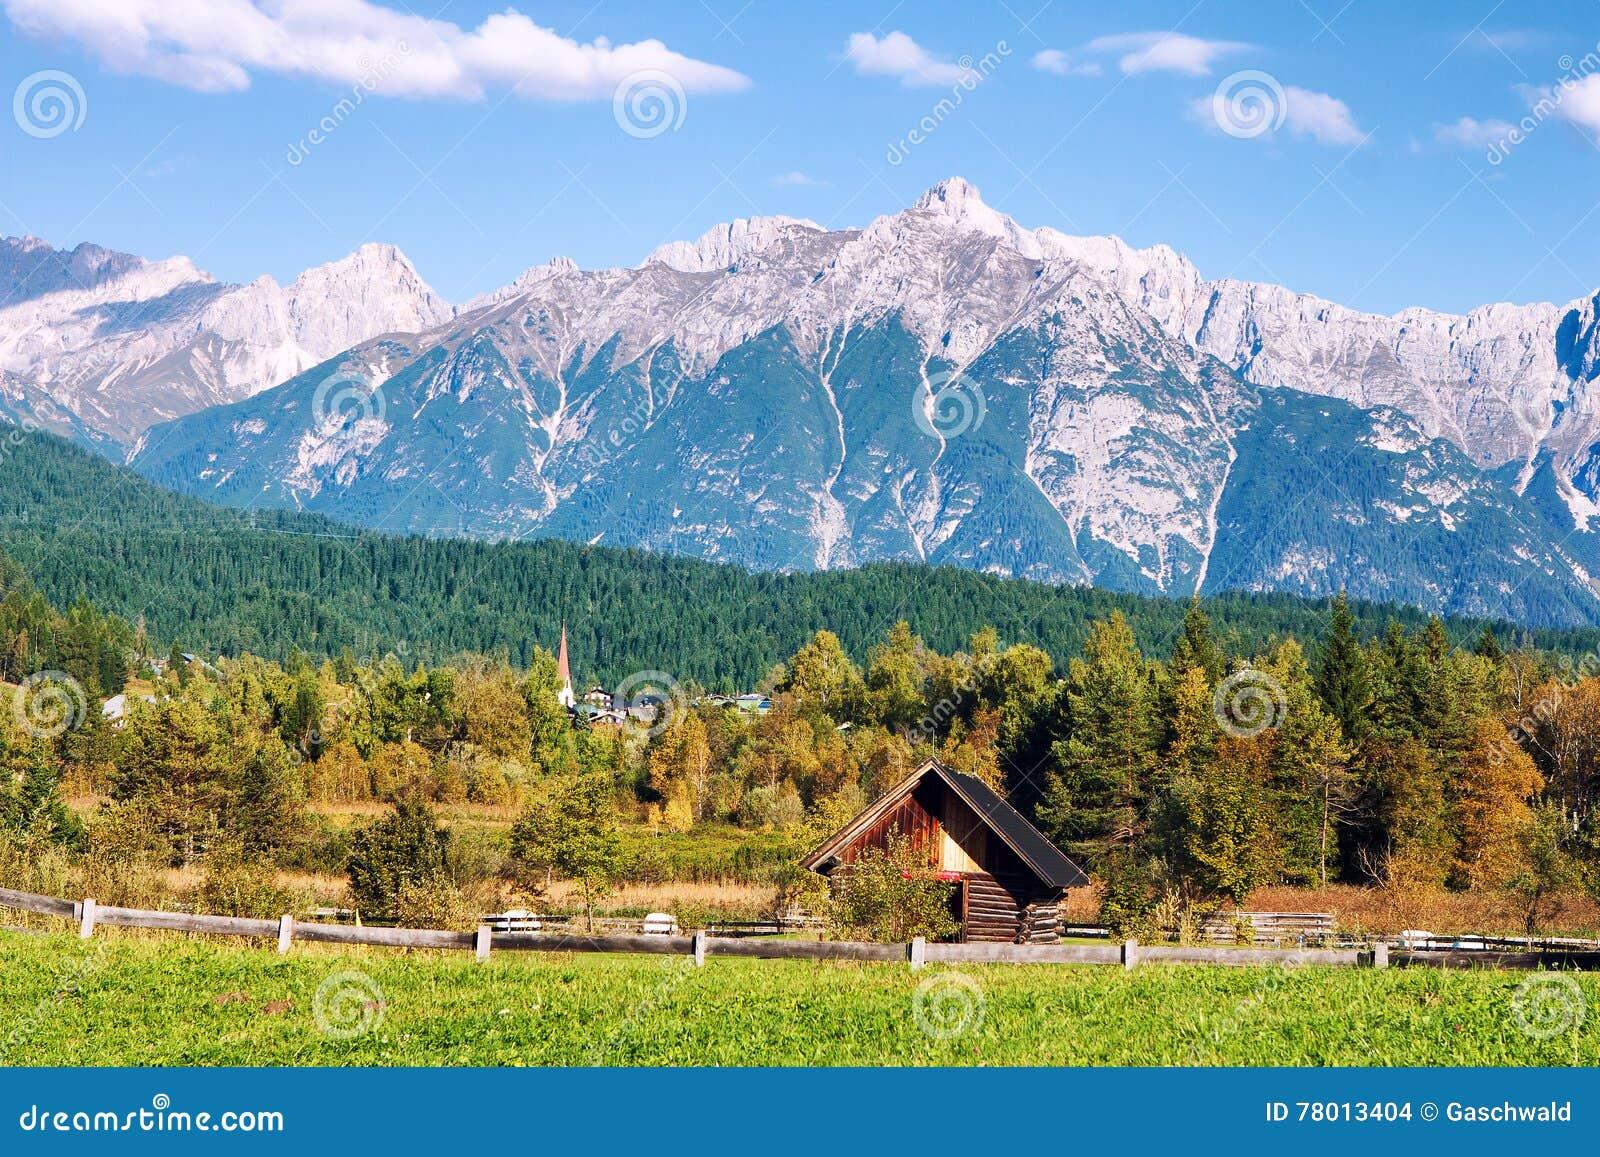 Paysage tyrolien idyllique avec les collines, la forêt, la maison de ferme et les champs verts